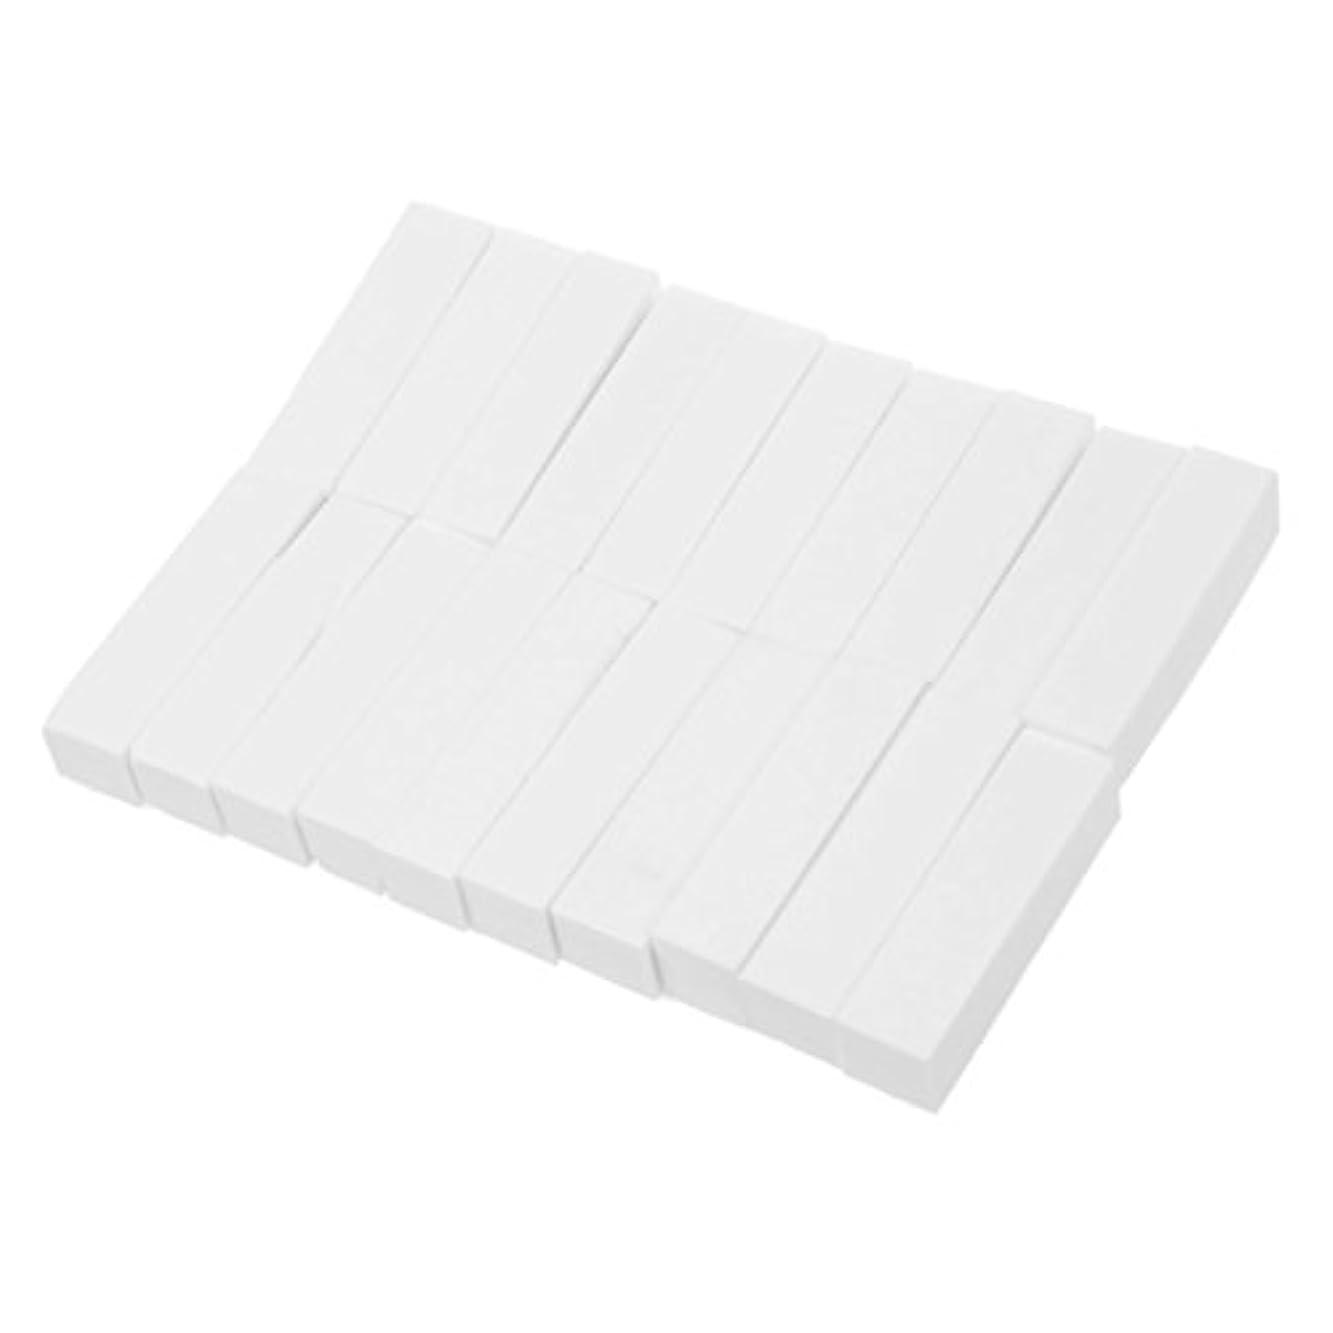 する切り離す積分RETYLY 20個 ホワイトバッファーバフサンディングファイル ブロックペディキュアマニキュア ネイルアートケアクリスマスギフト